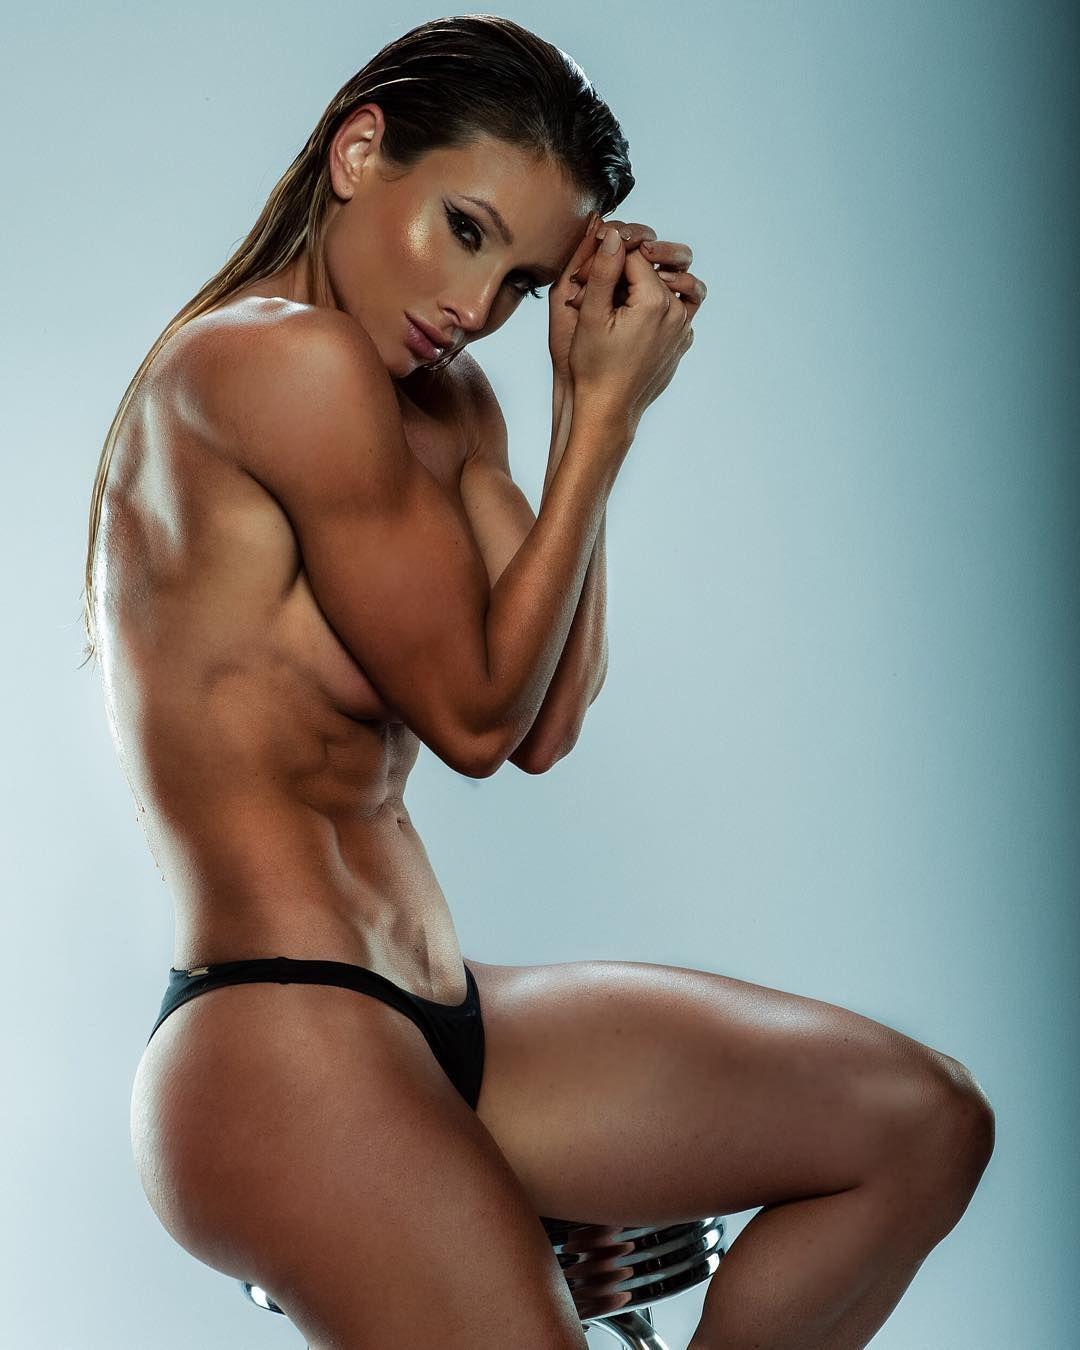 Muscles beauty pro